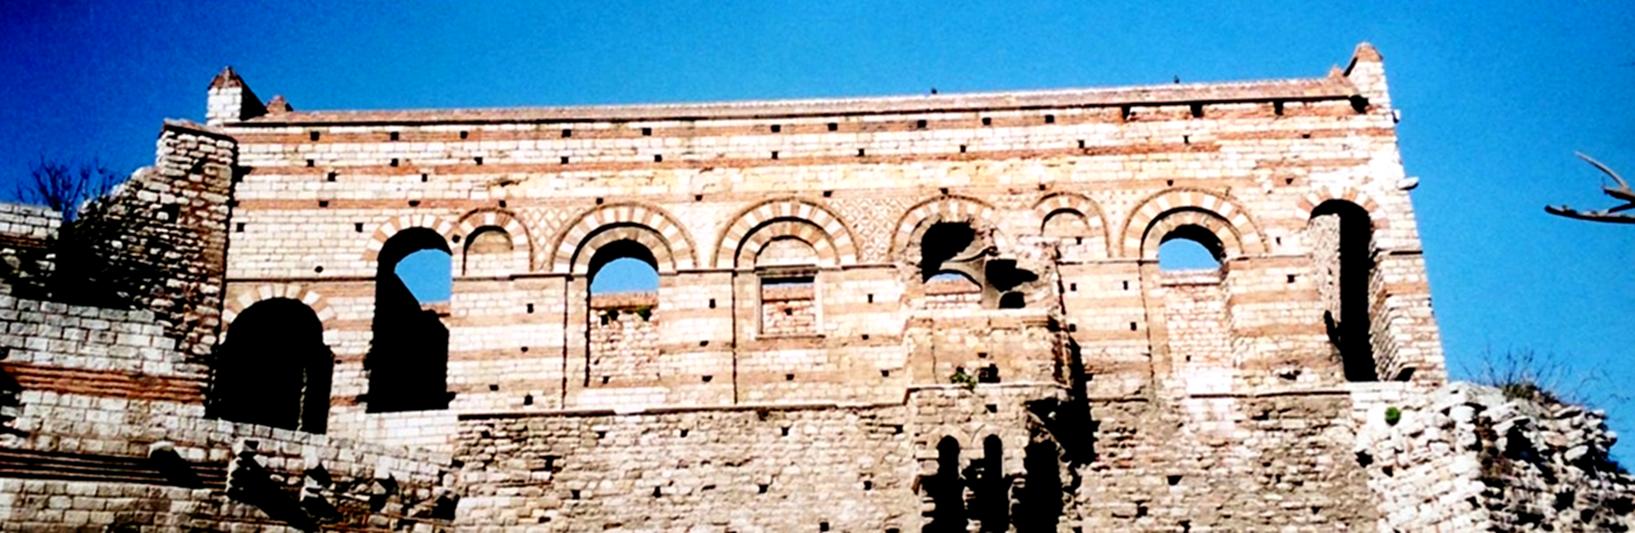 Paleologos Rönesansı'nın tüm ışıltısını yıkıntılarıyla bile yansıtan Tekfur Sarayı. Avluya bakan cephesi çok süslüdür. Fotoğraf: Füsun Kavrakoğlu